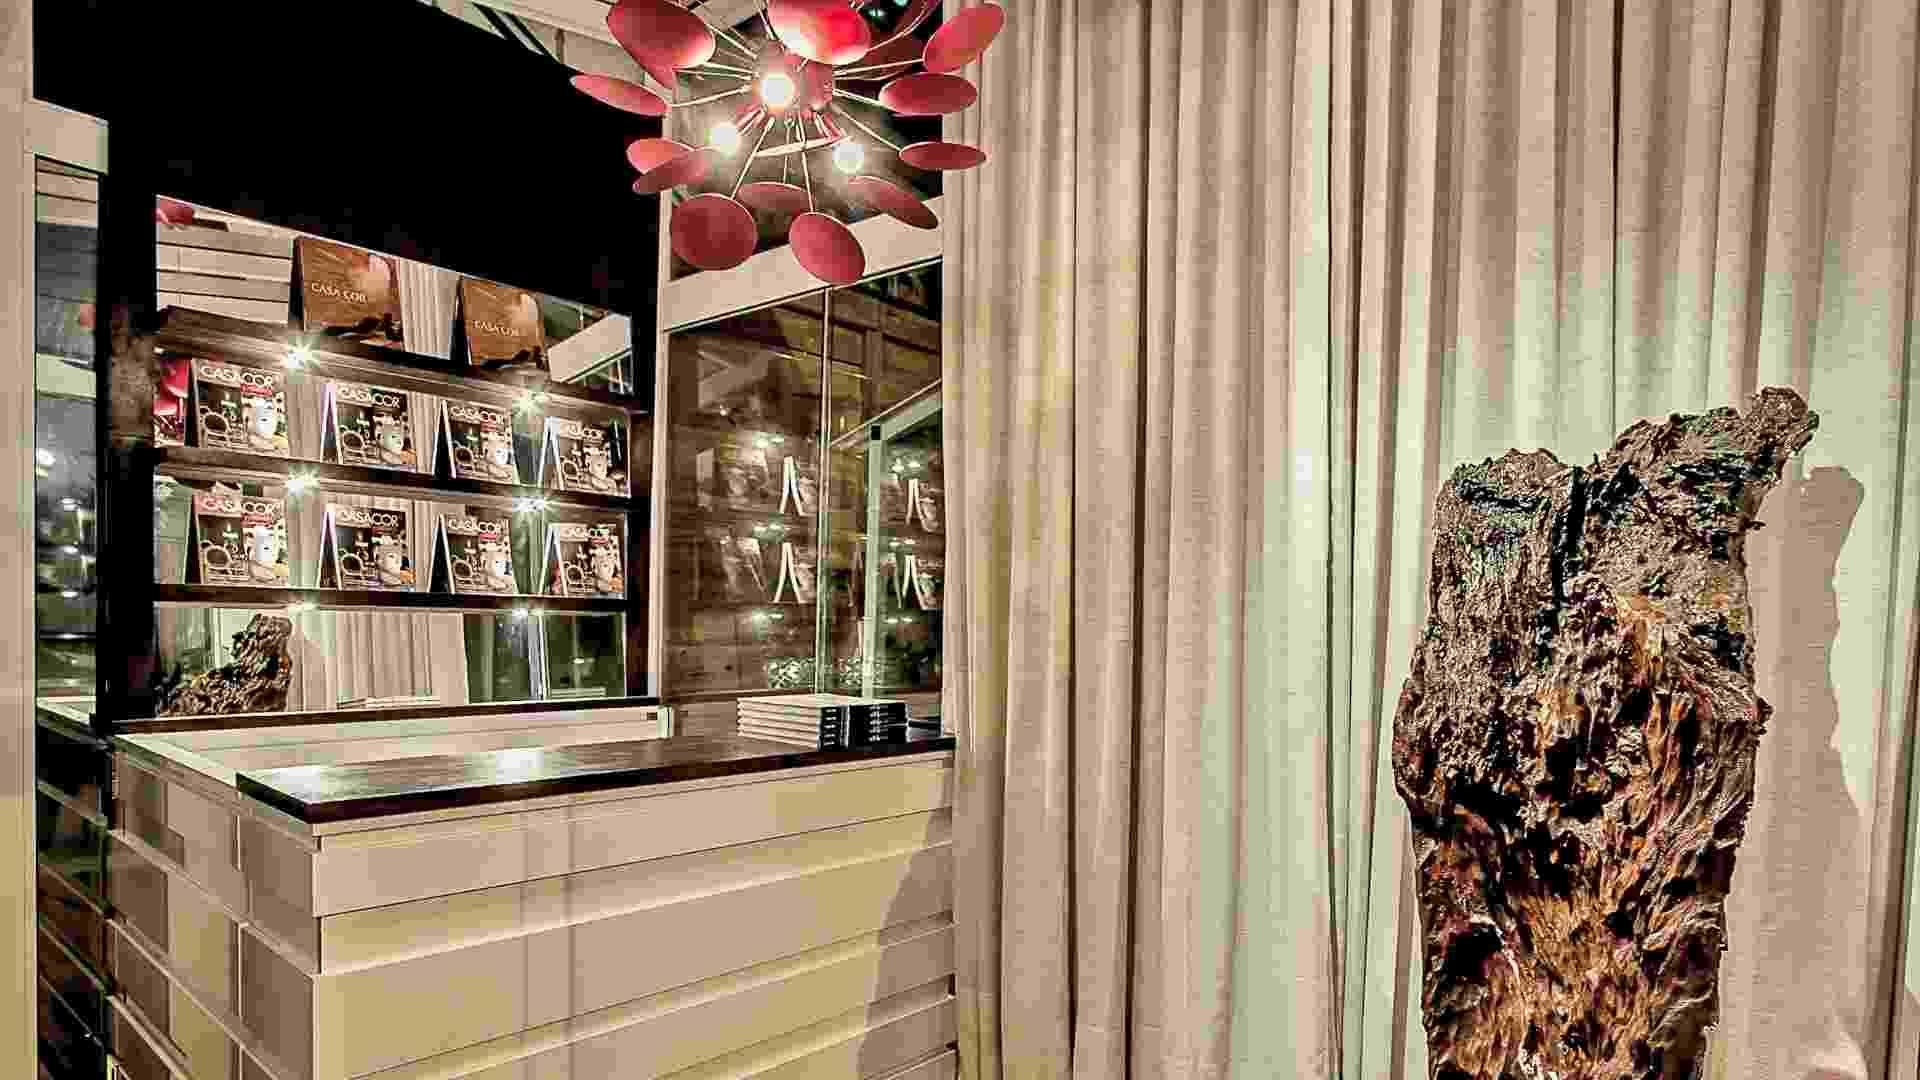 A arquiteta Gisela Ribeiro projetou dos 13m² da Bilheteria da Casa Cor PR usando vidro. Os móveis brancos  têm aplicações de espelhos e madeira - Divulgação